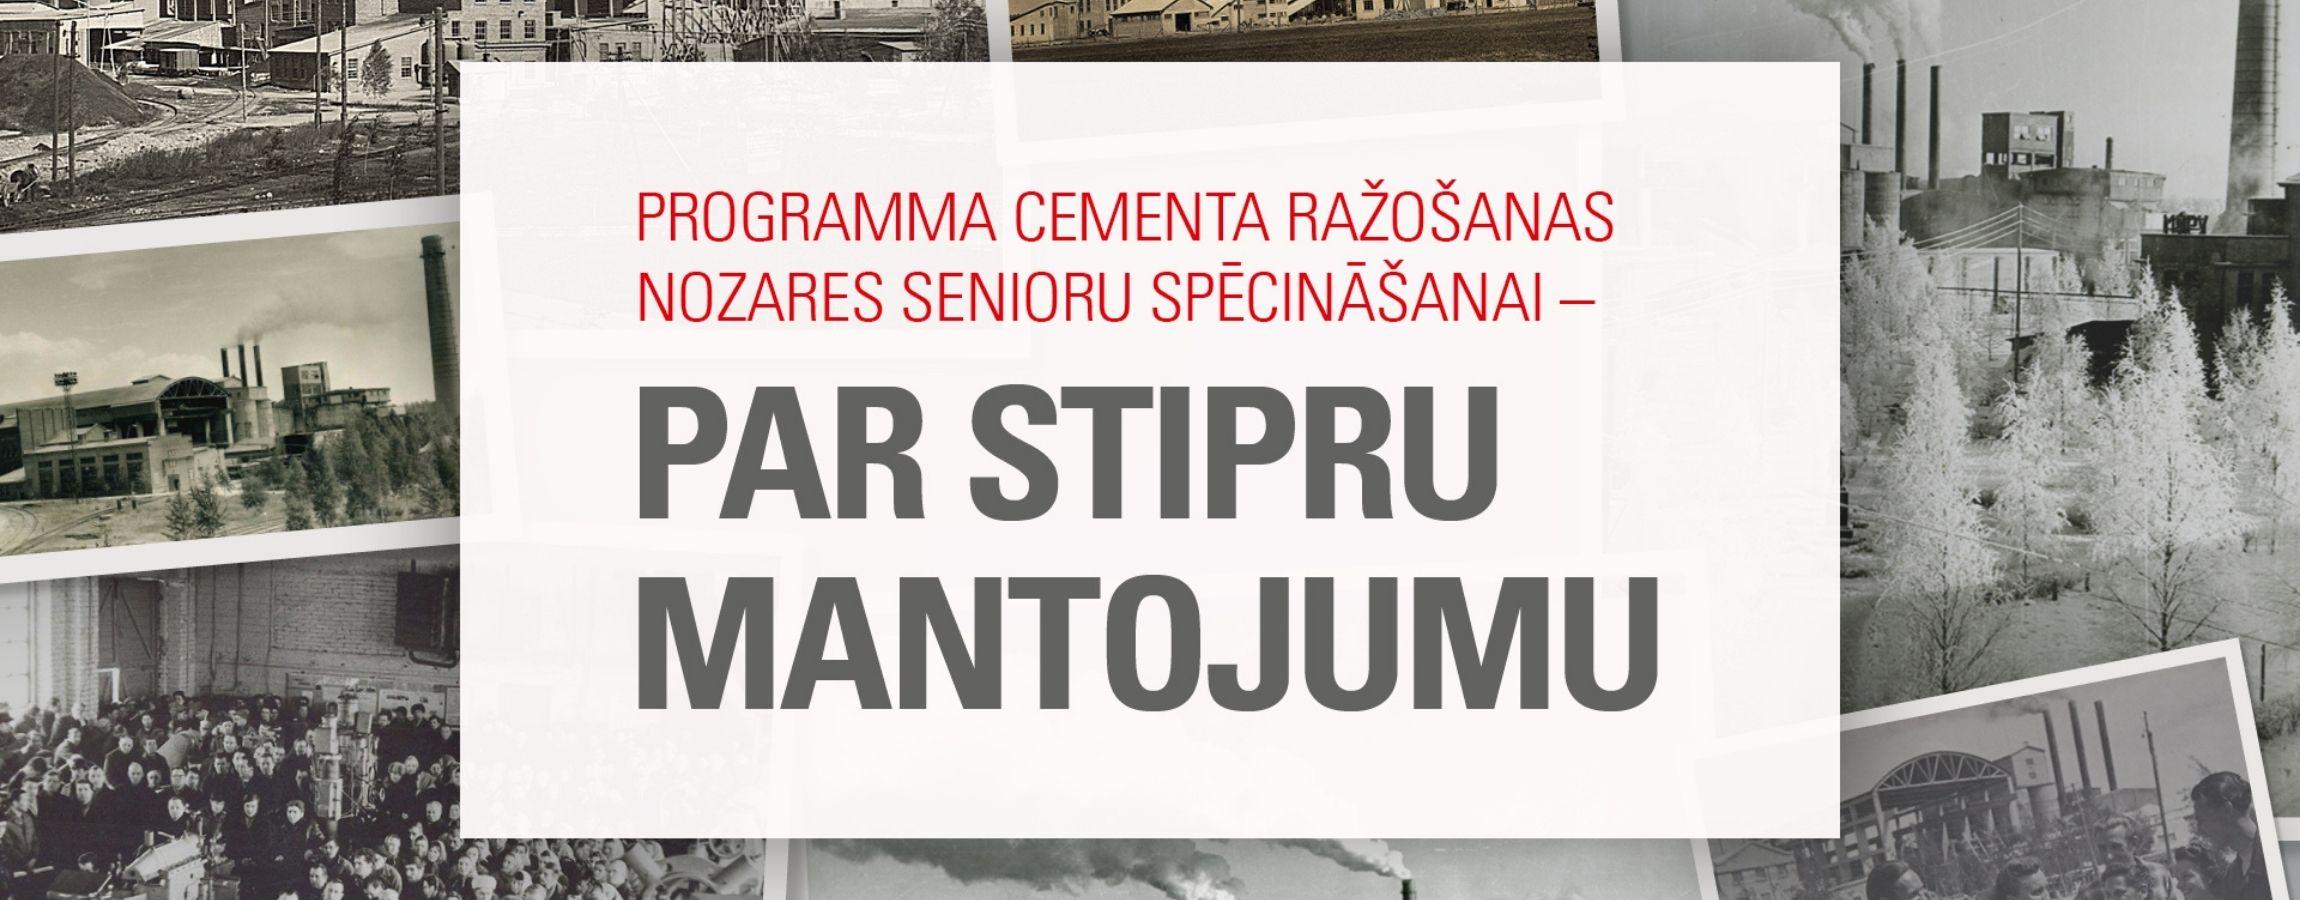 image with text Par stipru mantojumu